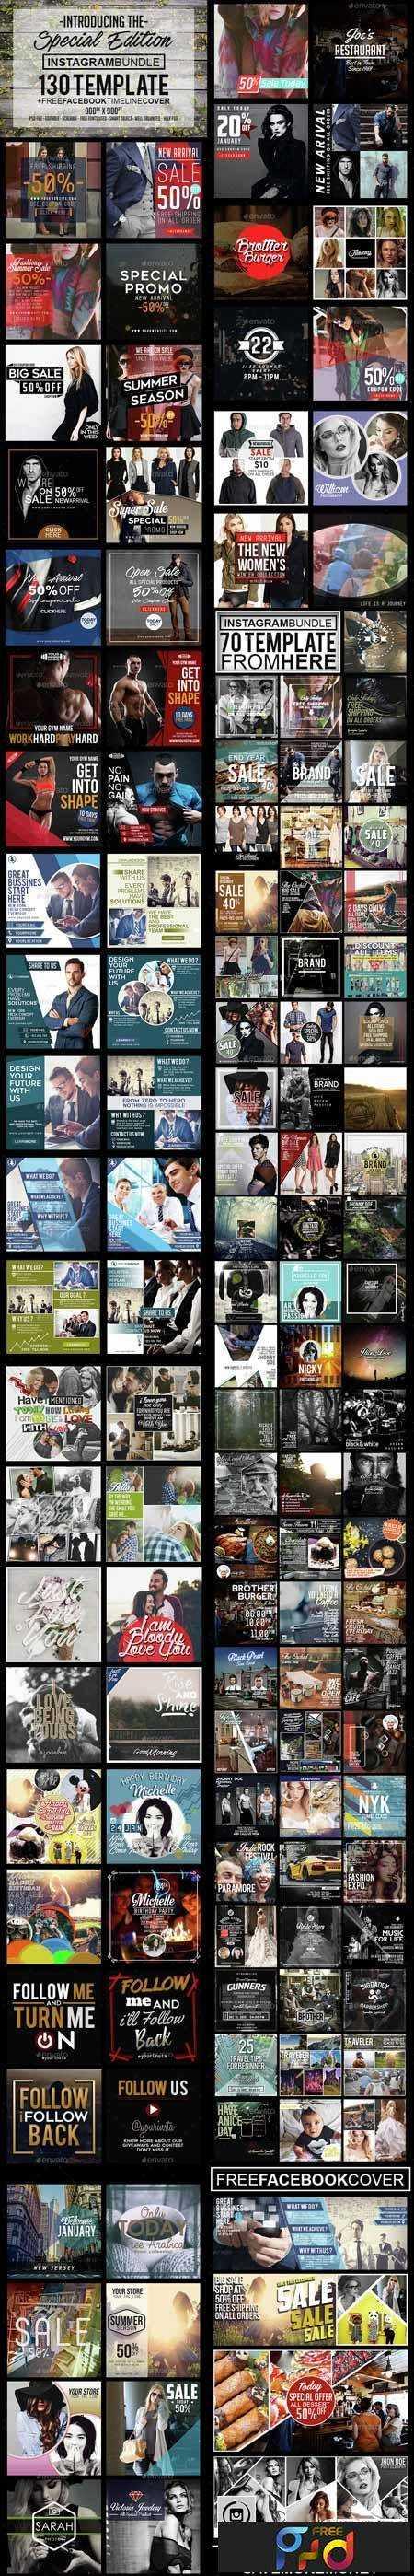 freepsdvn-com_1455728887_instagram-special-edition-bundle-14568247